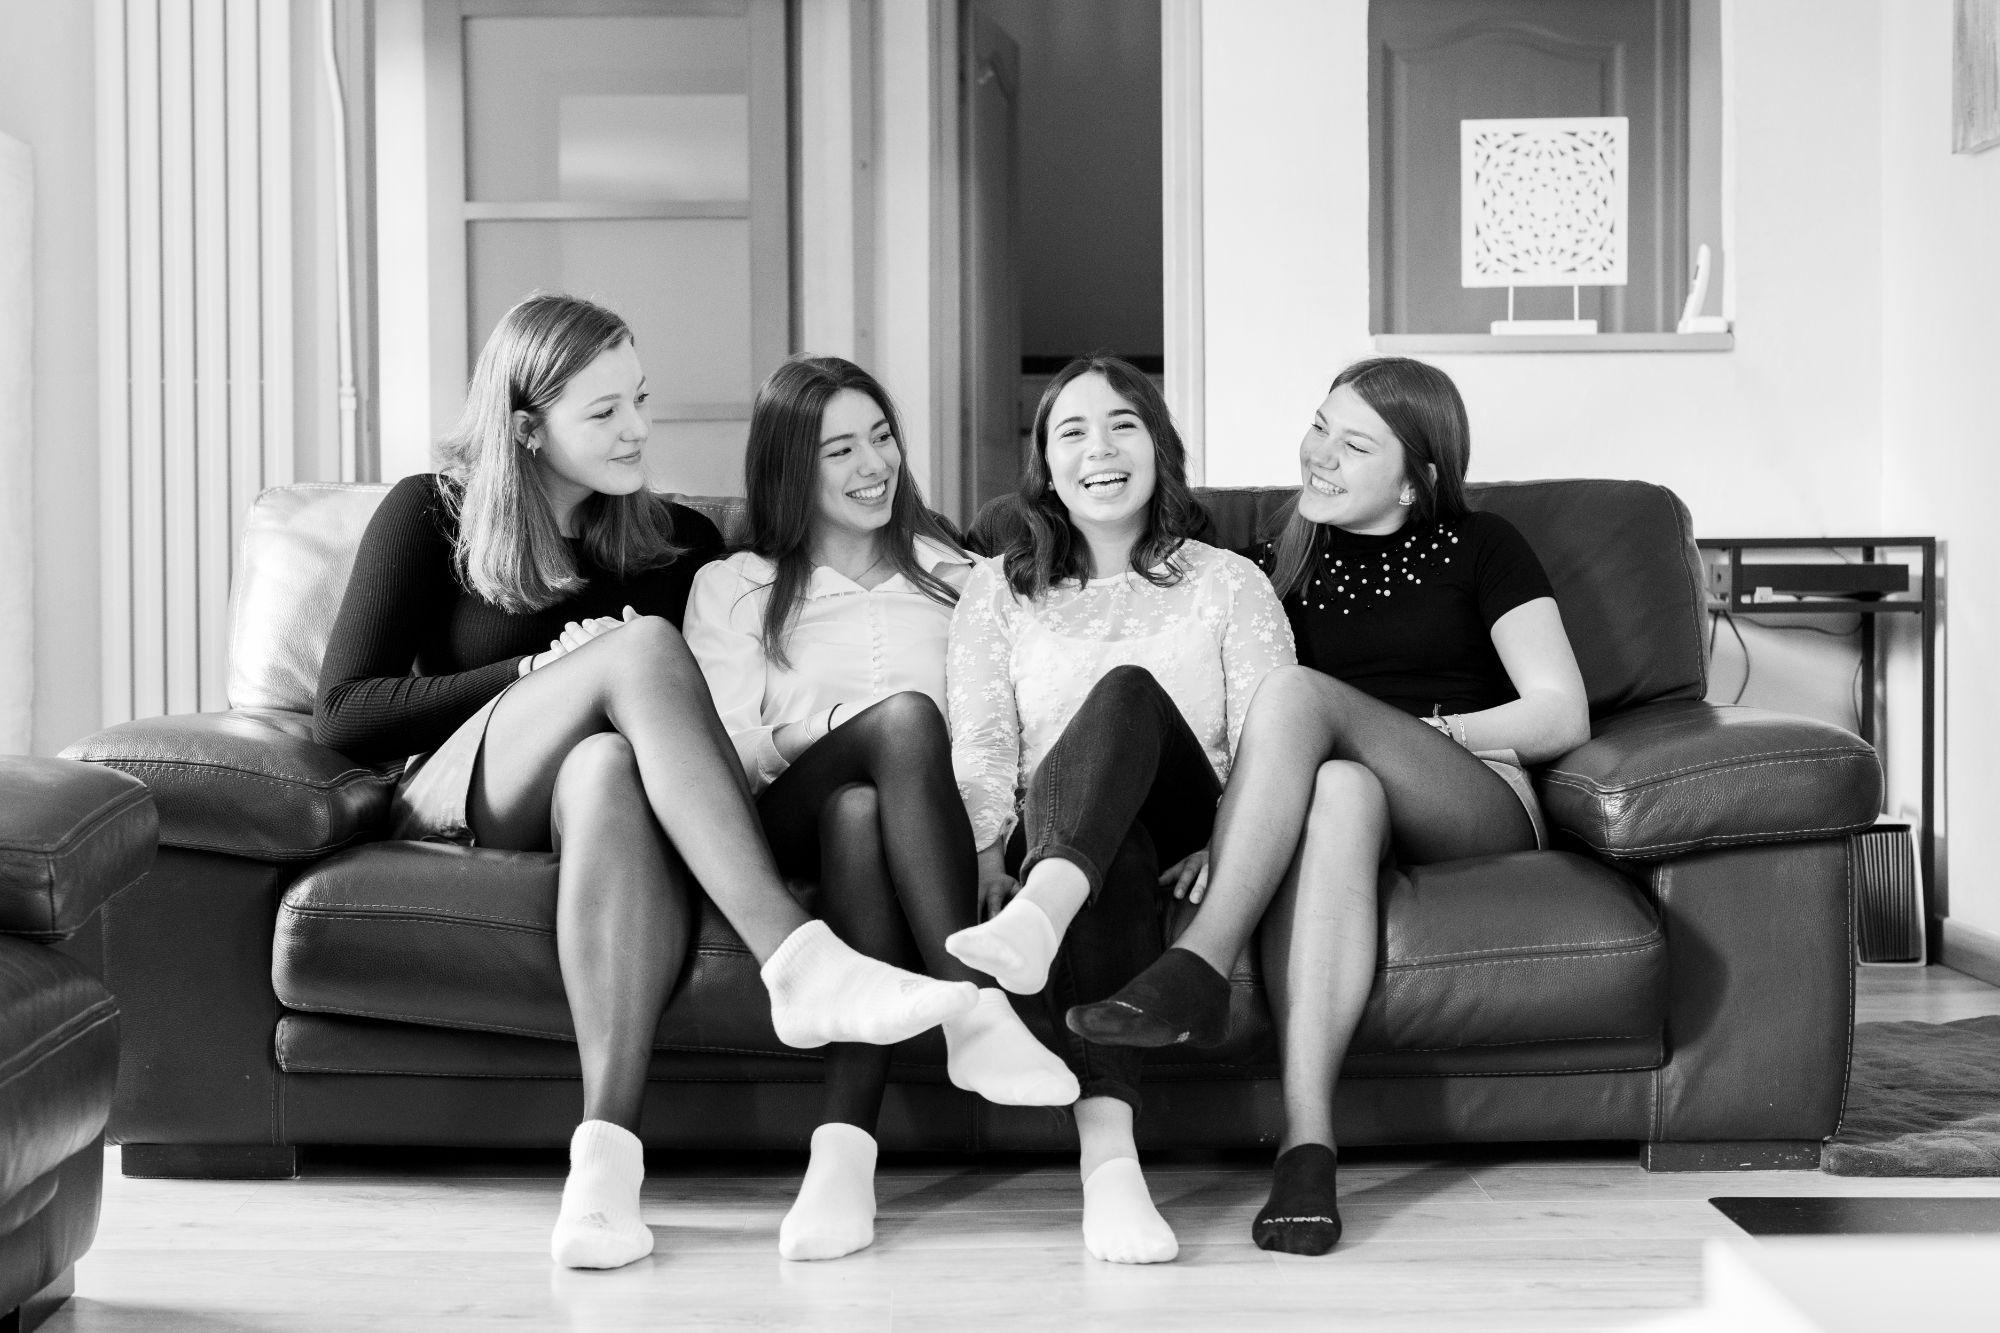 Priscilla Puzenat - Photographe professionnelle - Mariage et portrait - Un moment entre amis à la maison